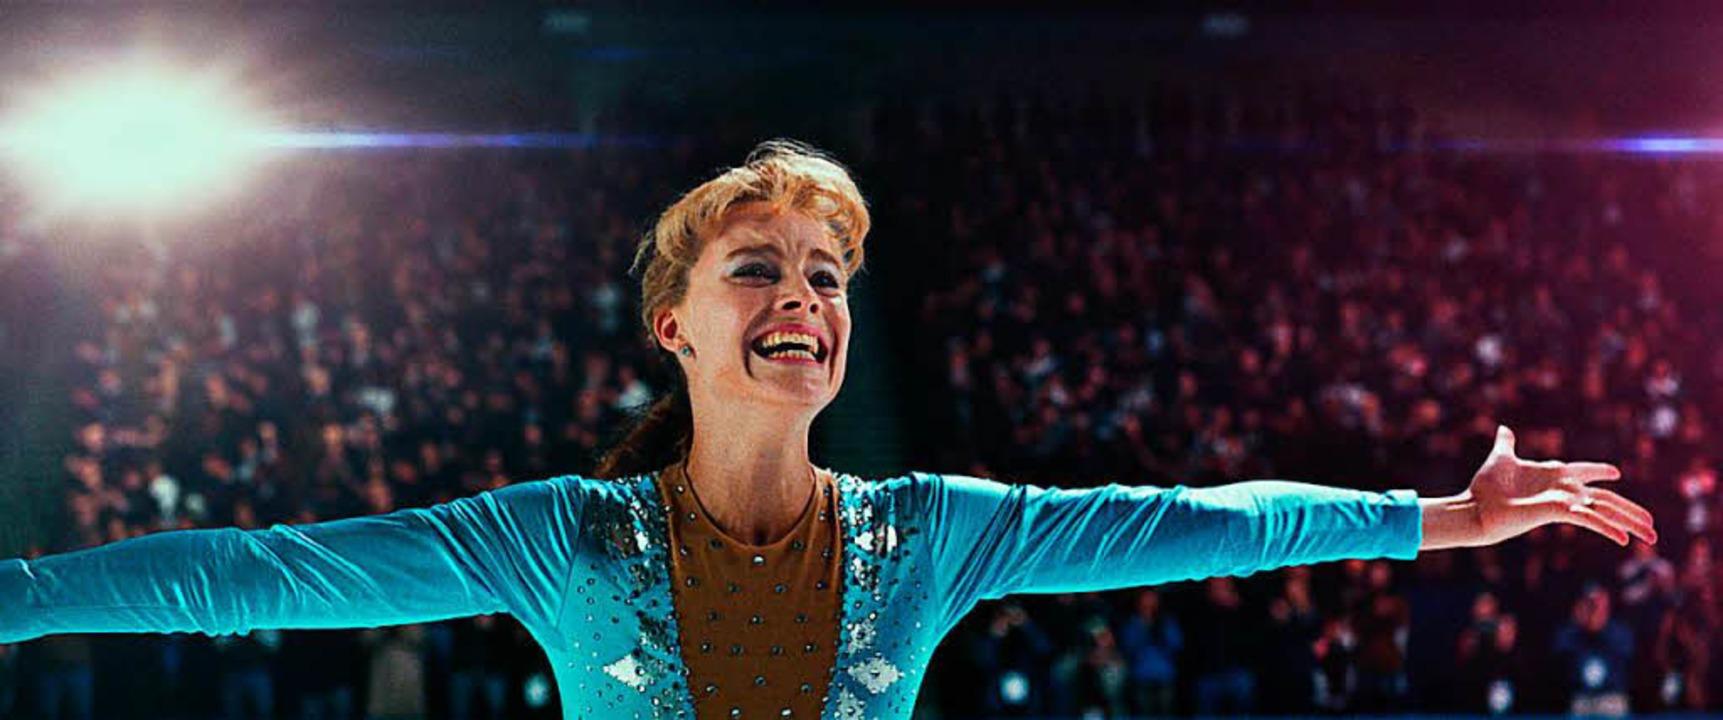 Aufstieg und Fall eines Sportstars: Margot Robbie) als Tonya Harding  | Foto: DCM, afp